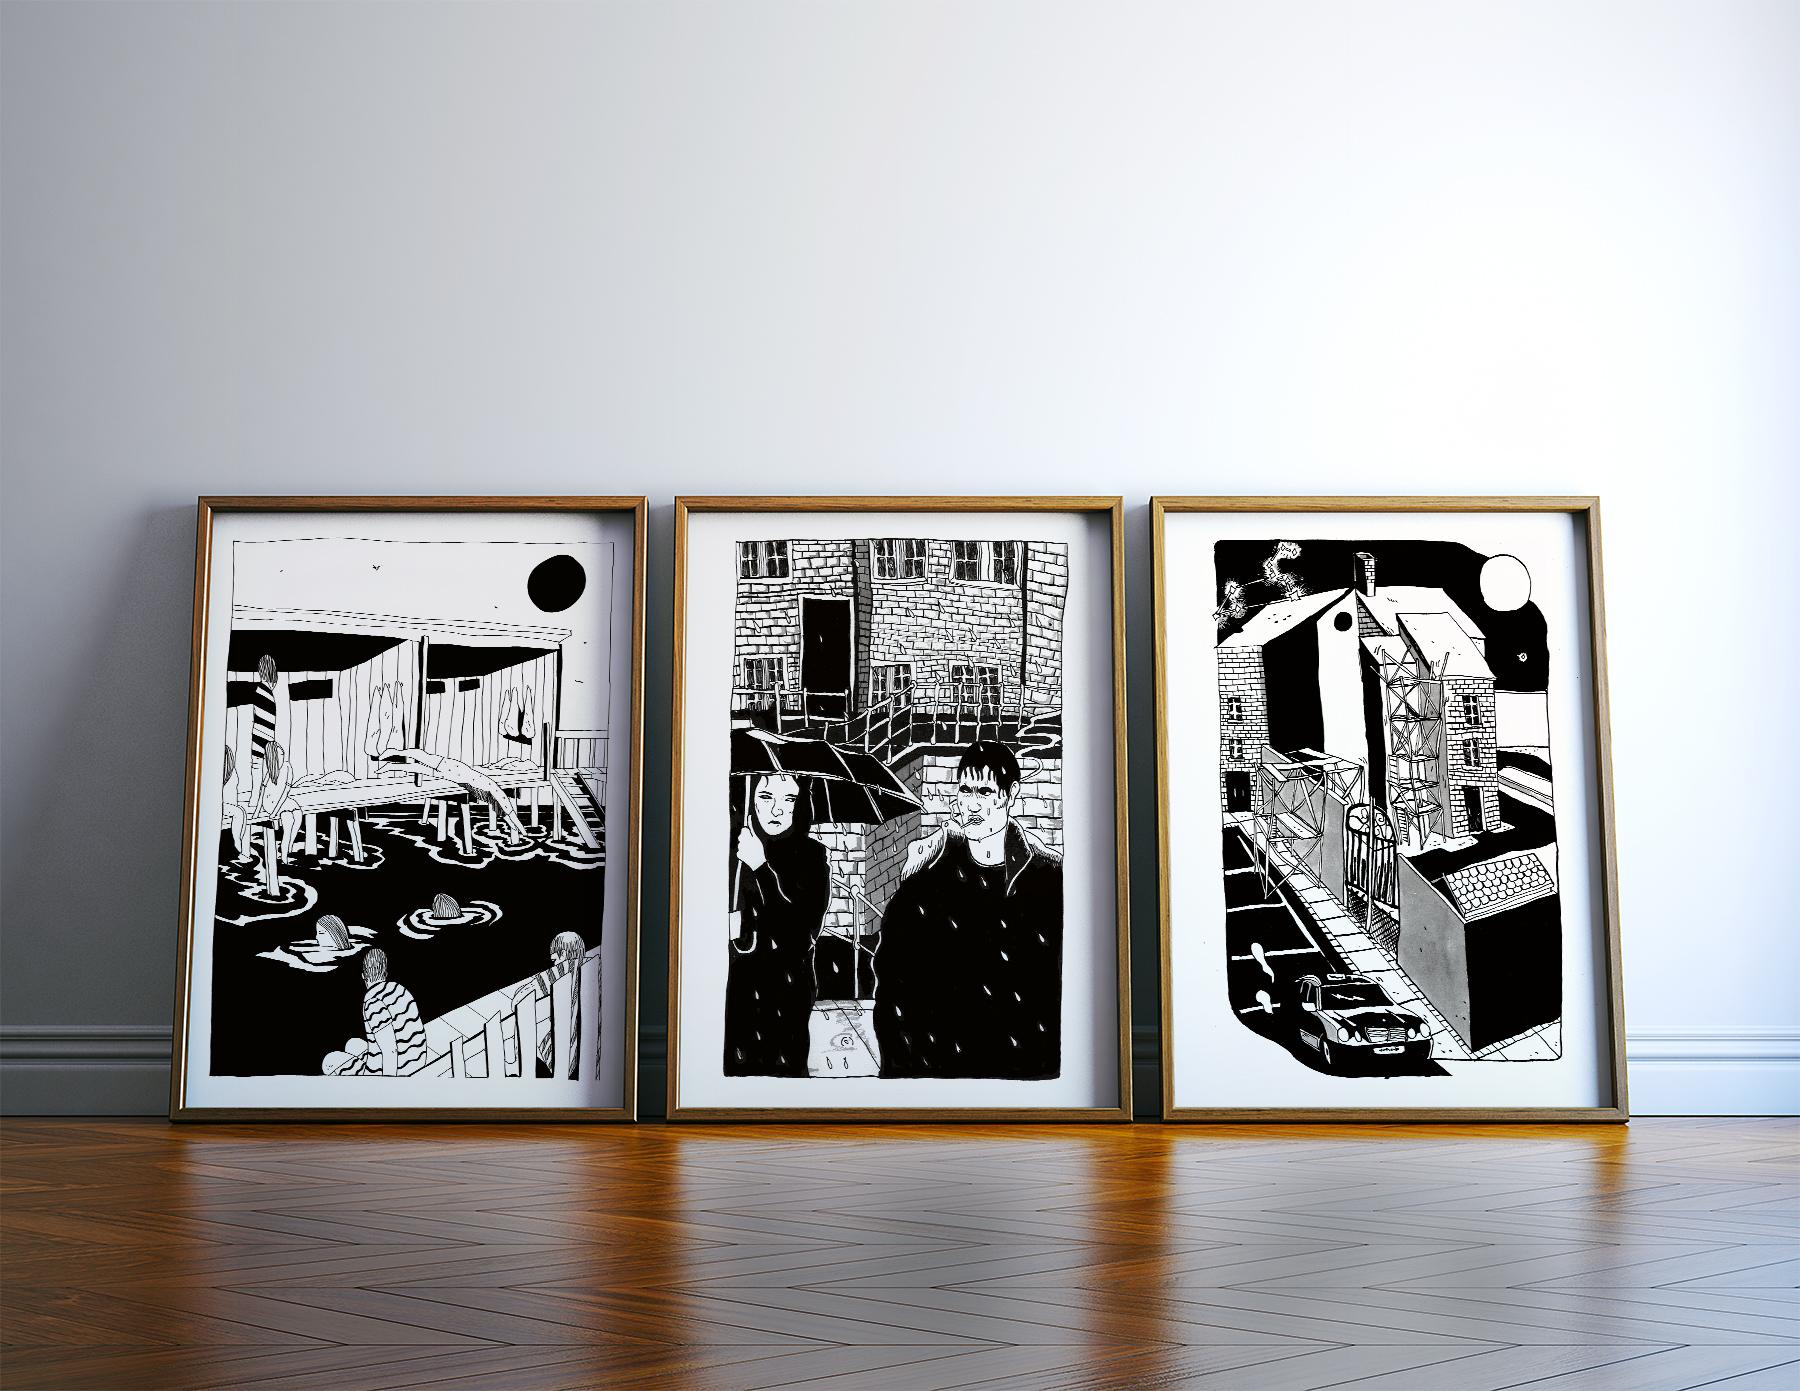 plakater-posters-kunsttryk, giclee-tryk, grafiske, illustrative, monokrome, portræt, arkitektur, kroppe, natur, årstider, sorte, hvide, blæk, papir, strand, samtidskunst, københavn, dansk, dekorative, design, interiør, bolig-indretning, kærlighed, moderne, moderne-kunst, nordisk, plakater, skandinavisk, vand, Køb original kunst og kunstplakater. Malerier, tegninger, limited edition kunsttryk & plakater af dygtige kunstnere.